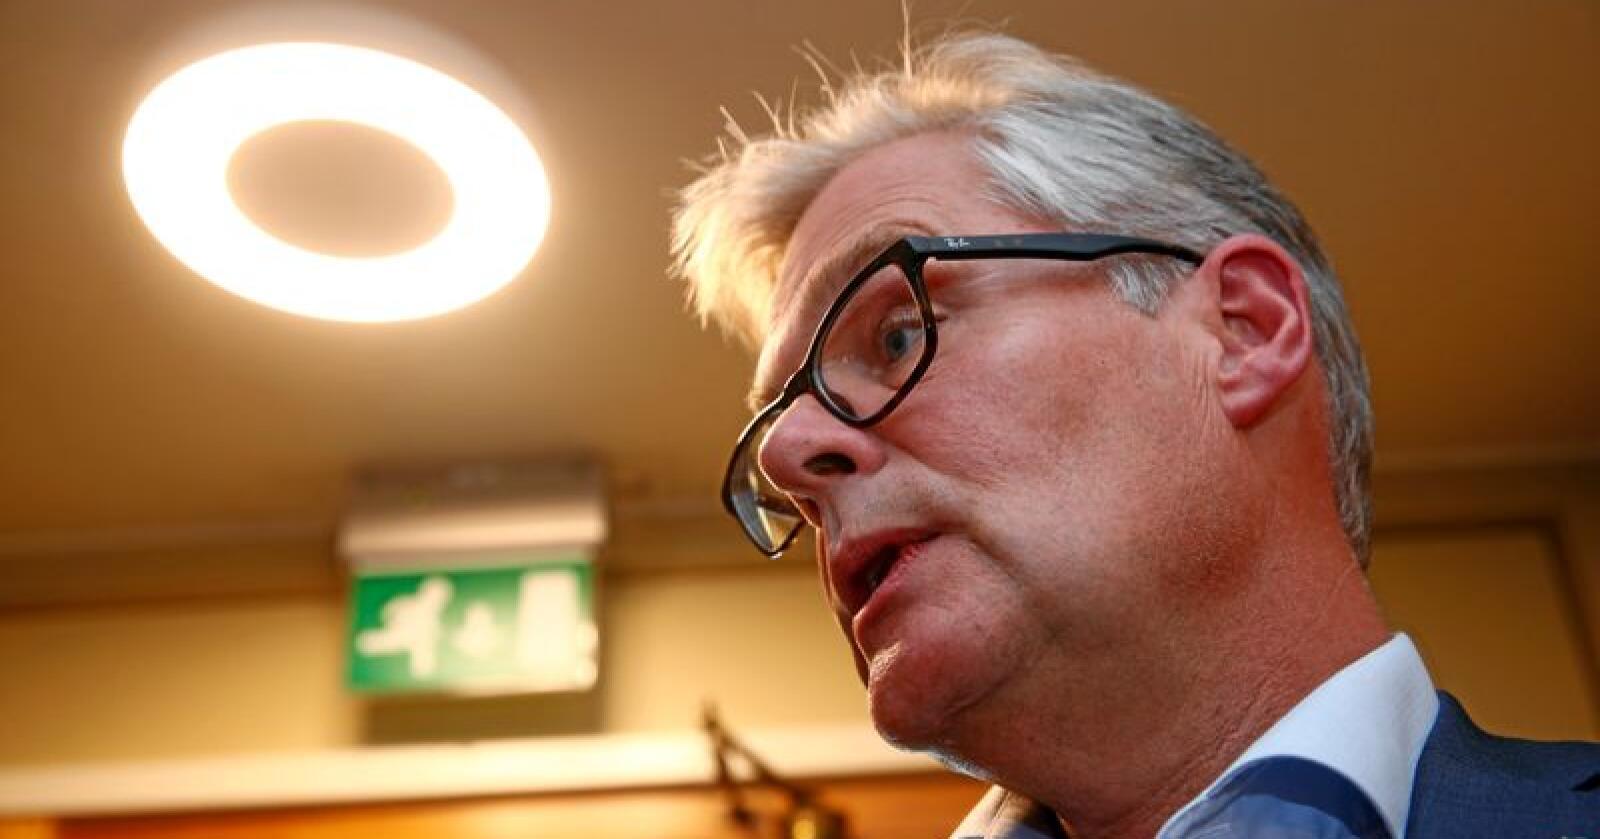 Tar feil: Hans Andreas Limi atr feil når han fremstiller det som om EU og Schengen er de eneste måtene internasjonalt samarbeid kan foregå på, skriver innsenderen. Foto: Terje Pedersen/NTB scanpix